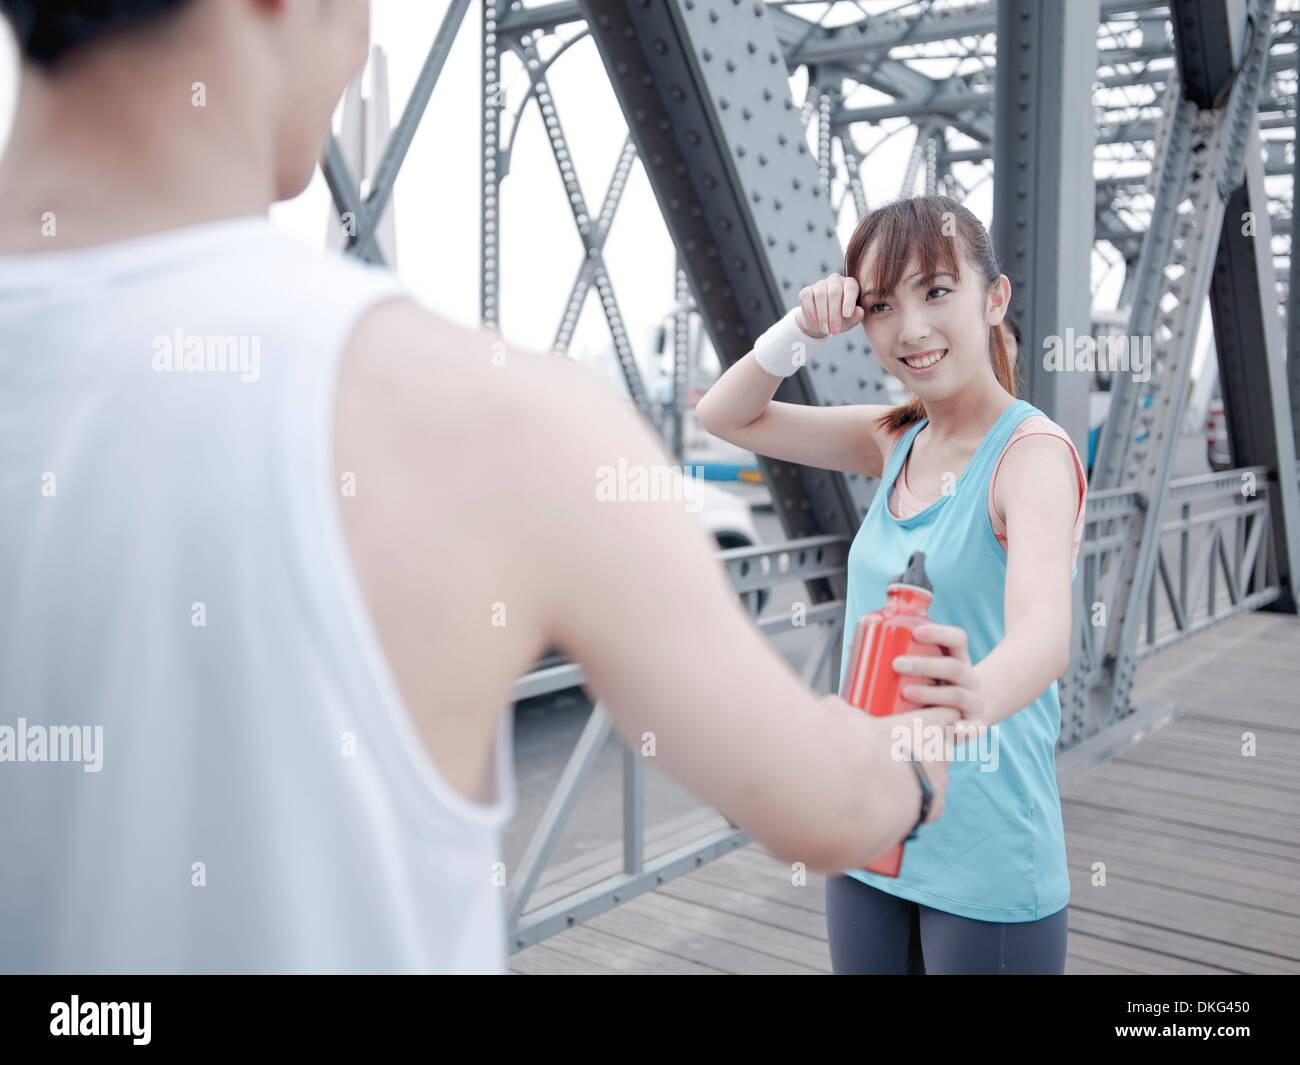 Homme jogger passage de l'eau bouteille pour compagne Photo Stock